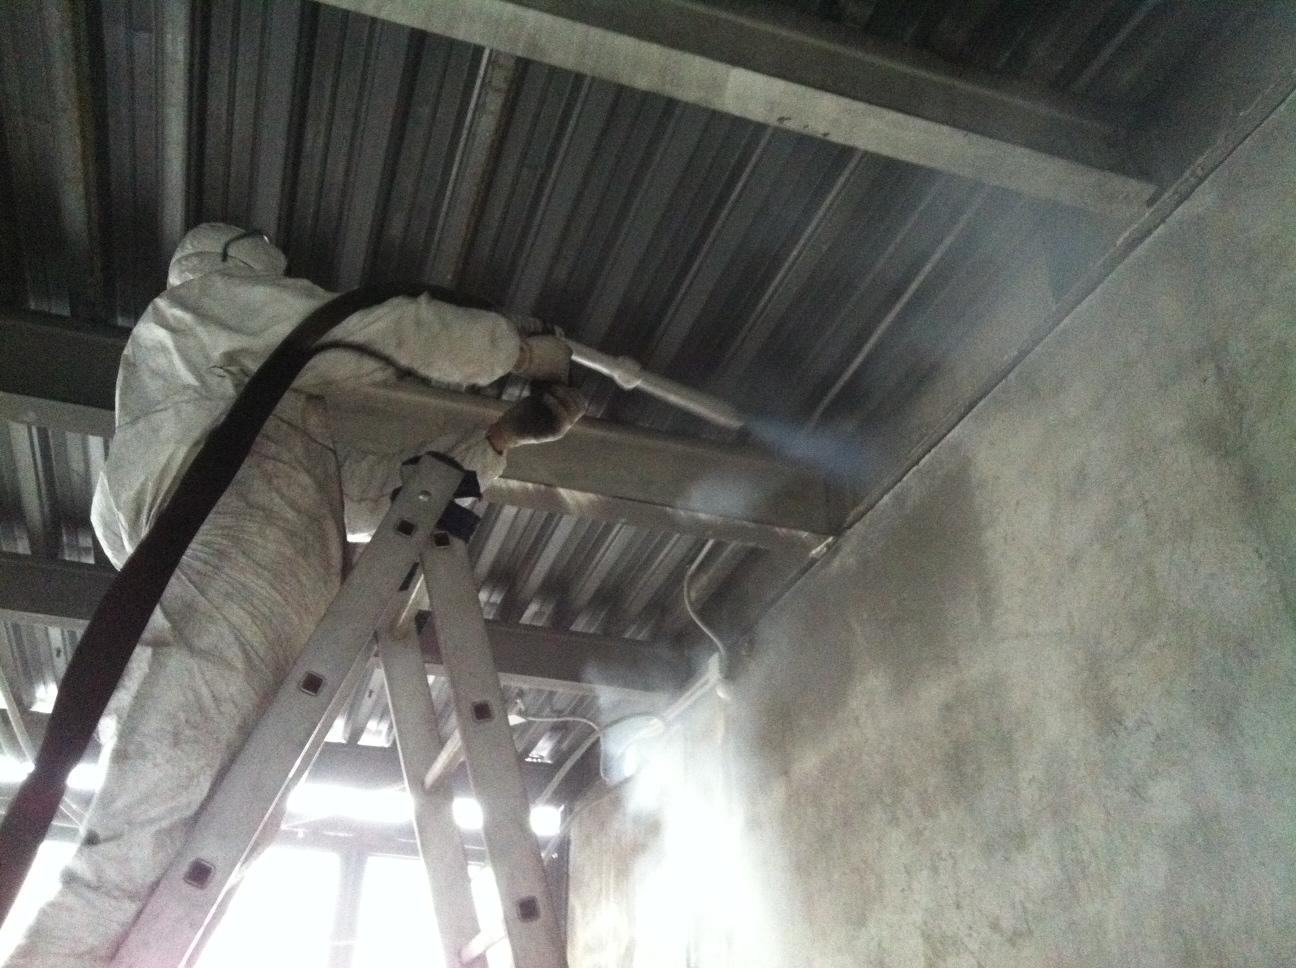 Замывка квартиры после пожара ремонт своими силами